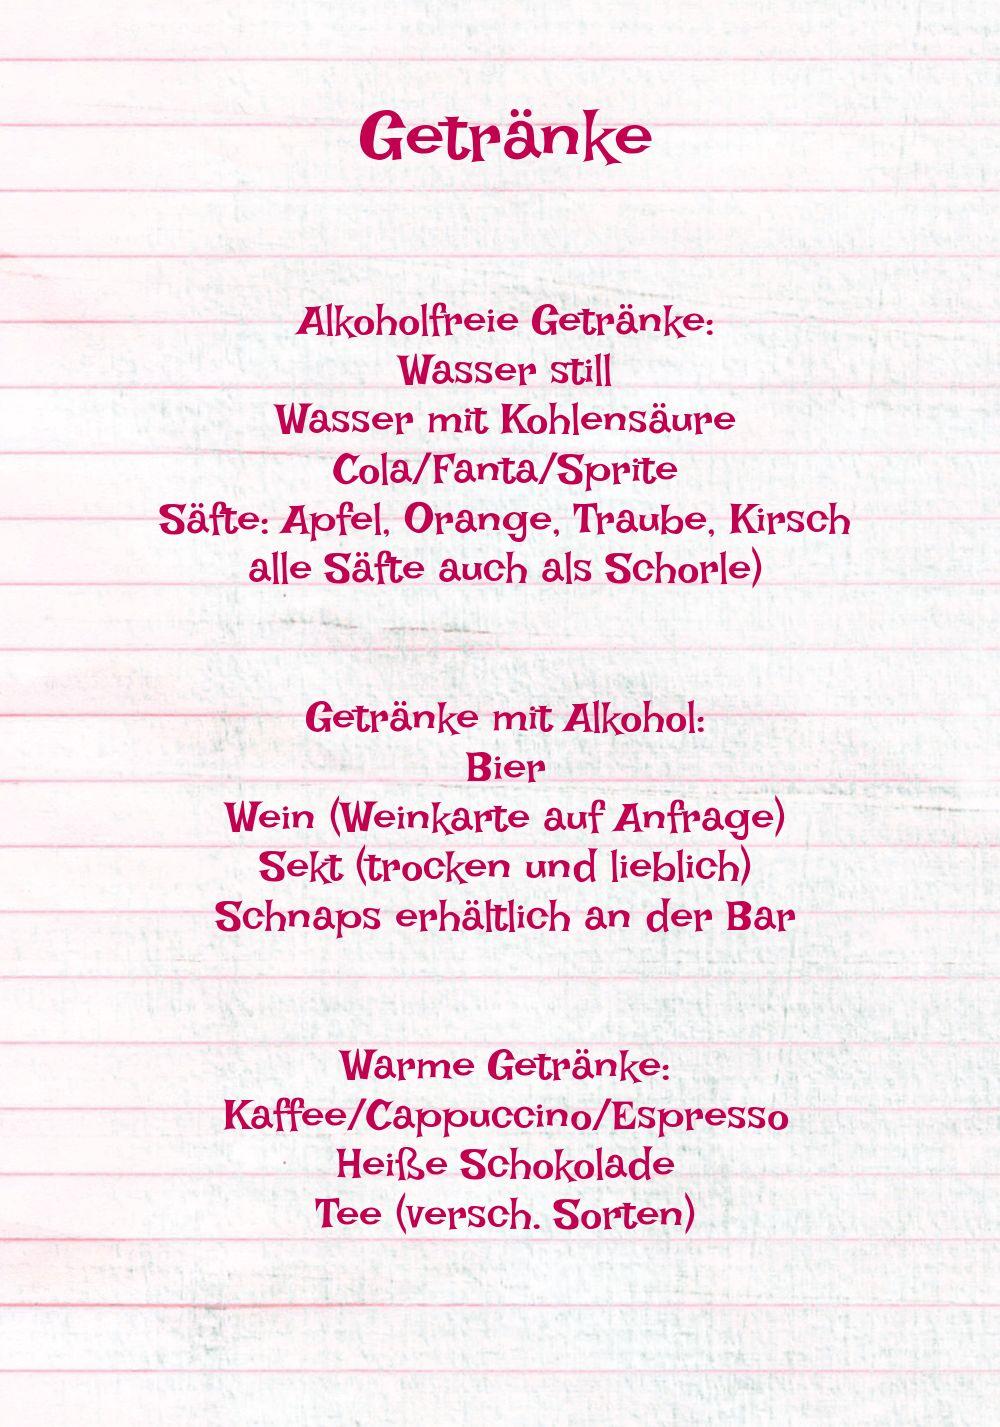 Ansicht 4 - Menükarte Elchenwald